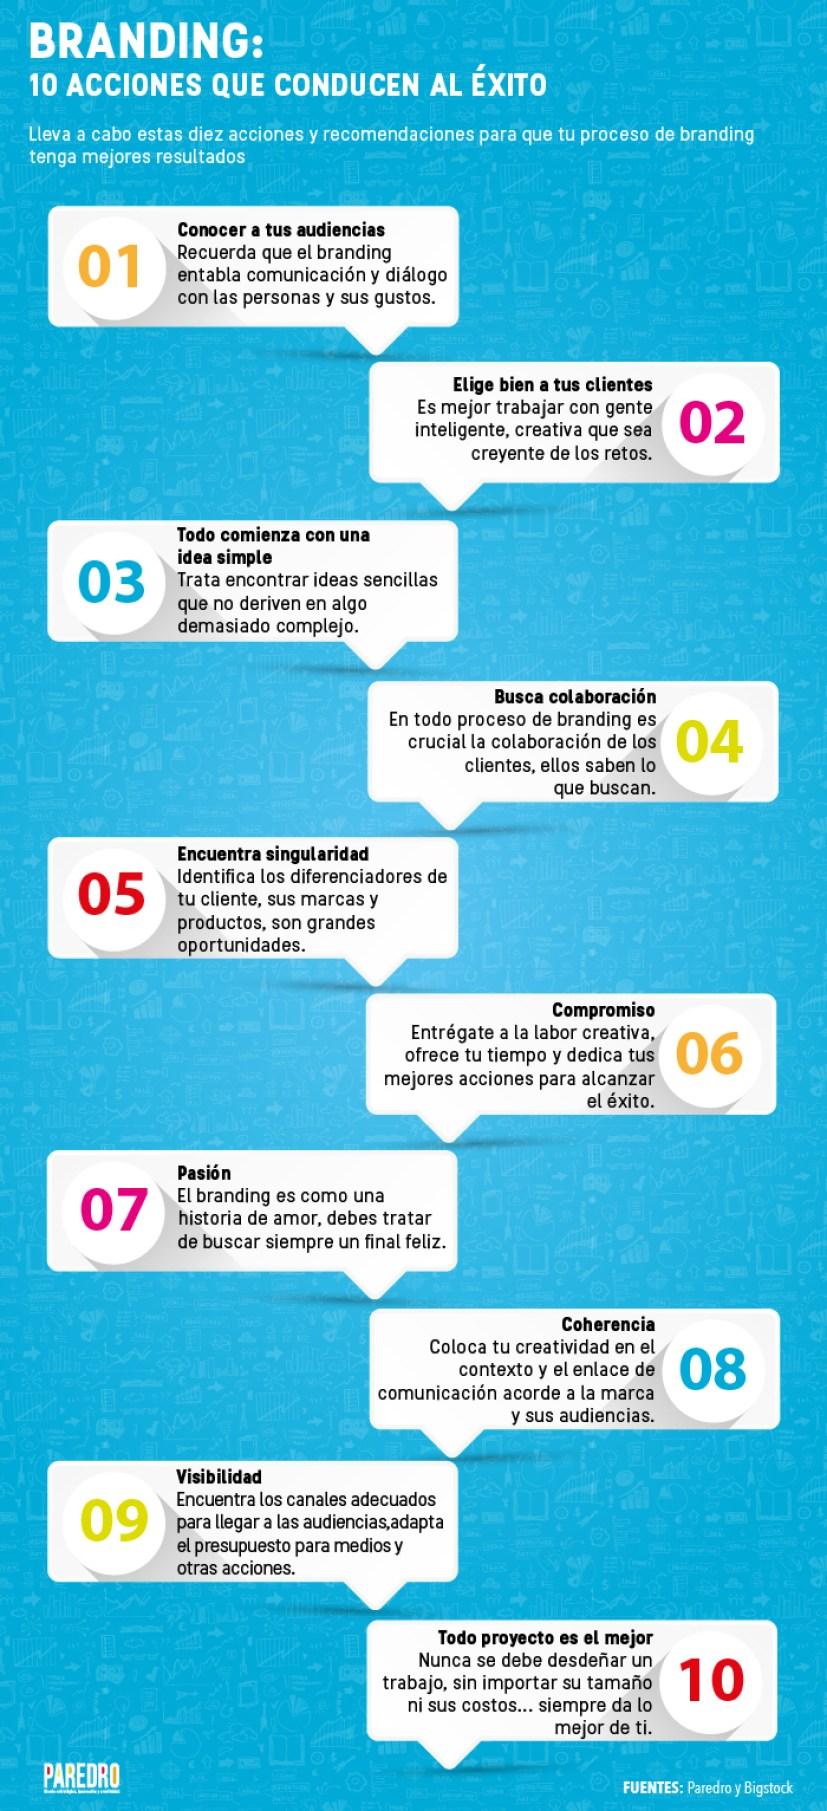 Branding: 10 acciones que conducen al éxito